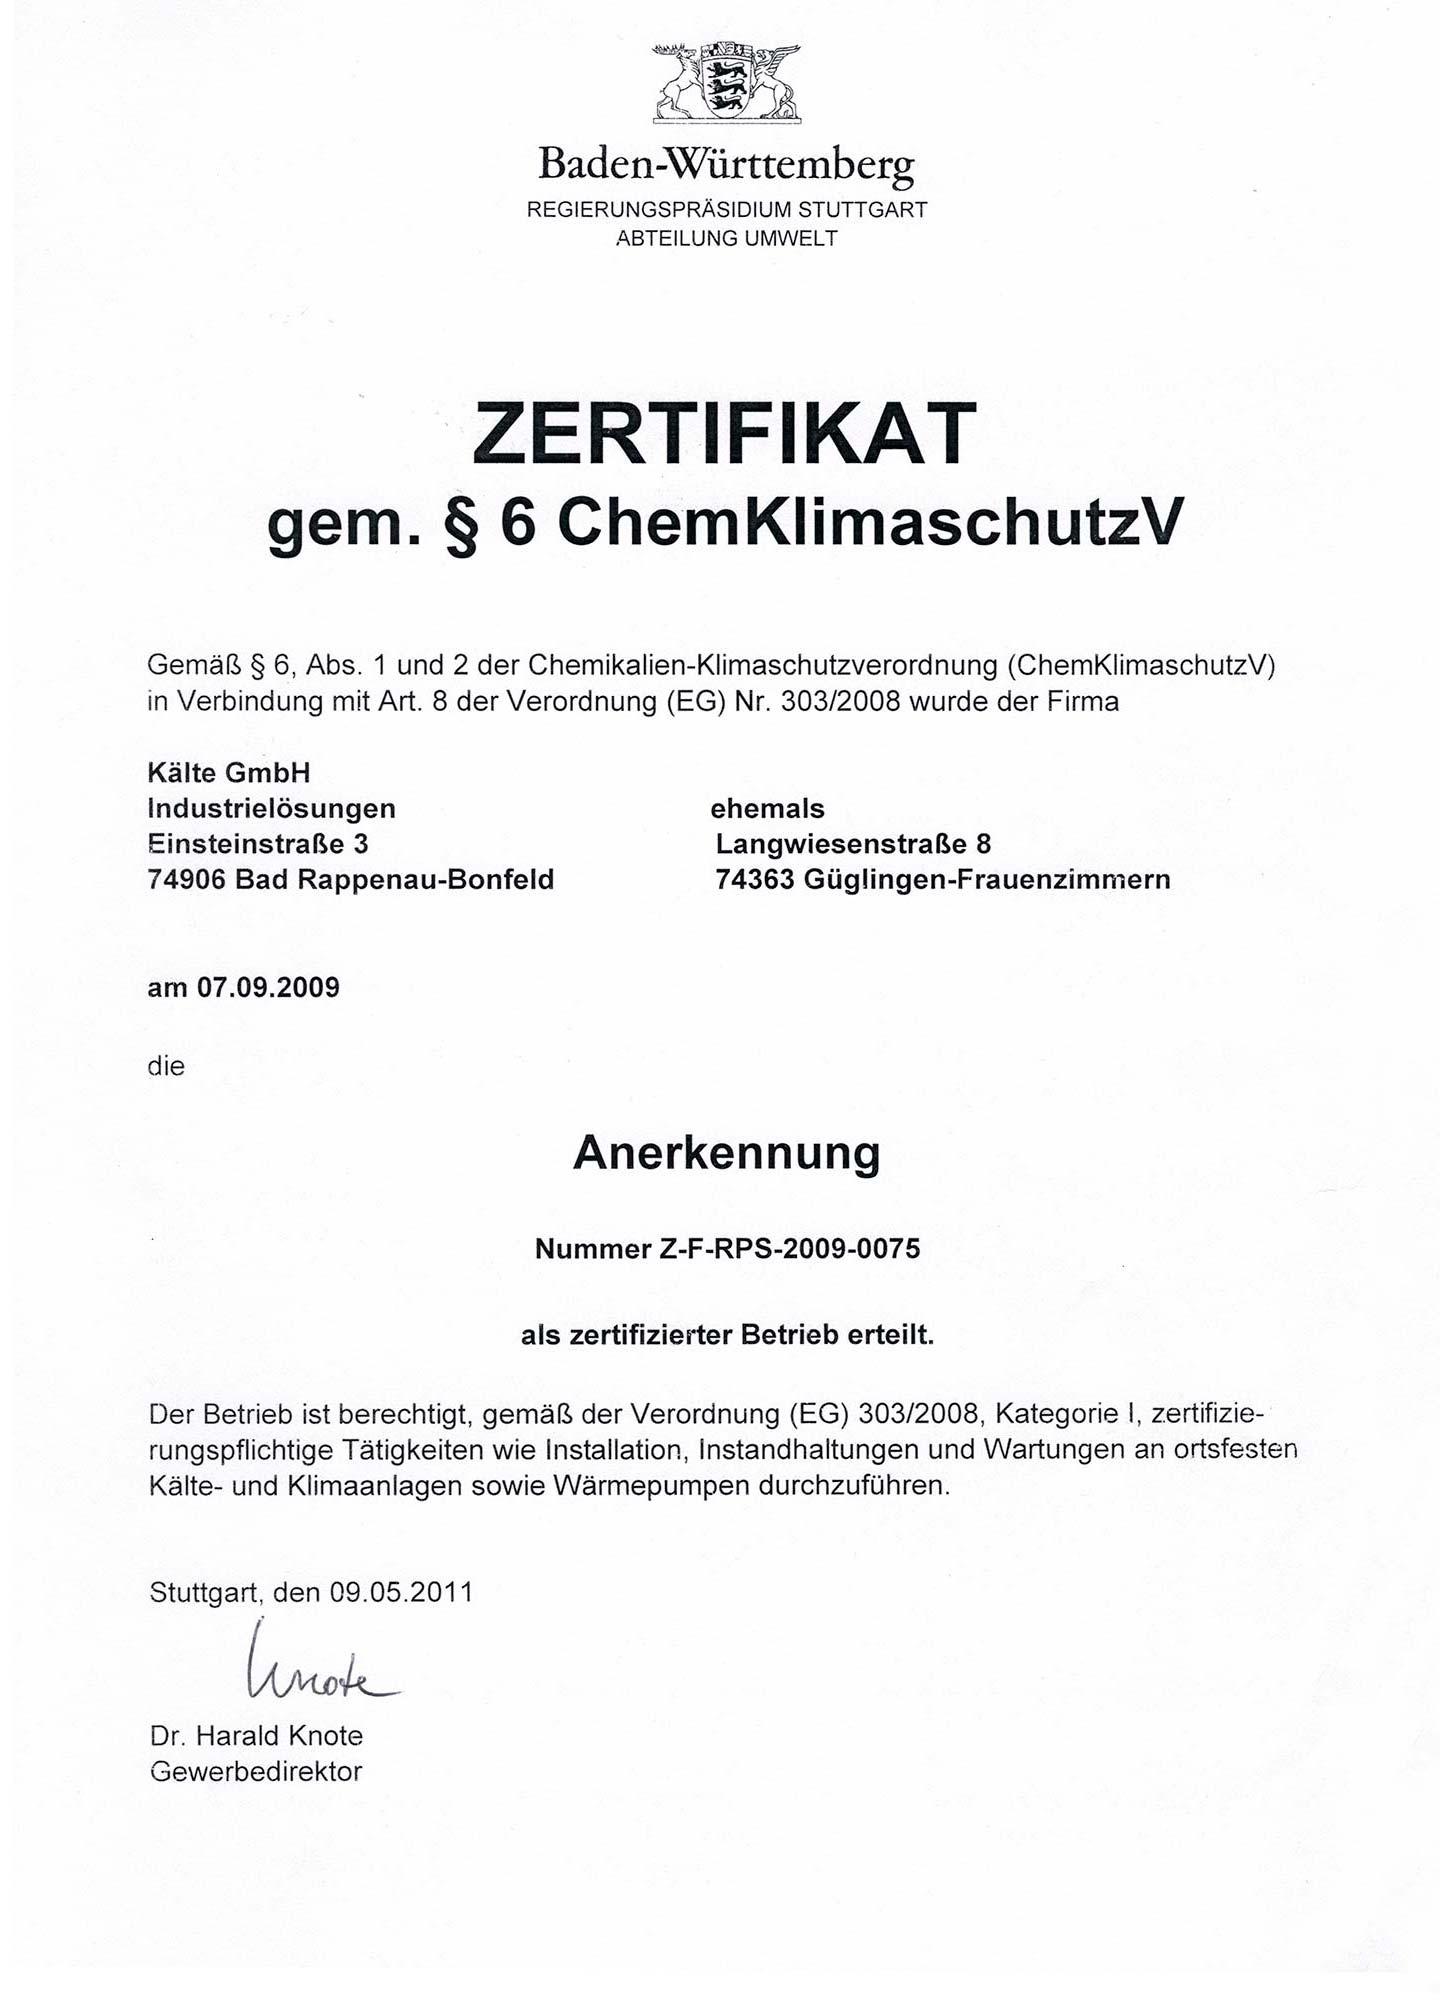 Anerkennung als zertifizierter Betrieb